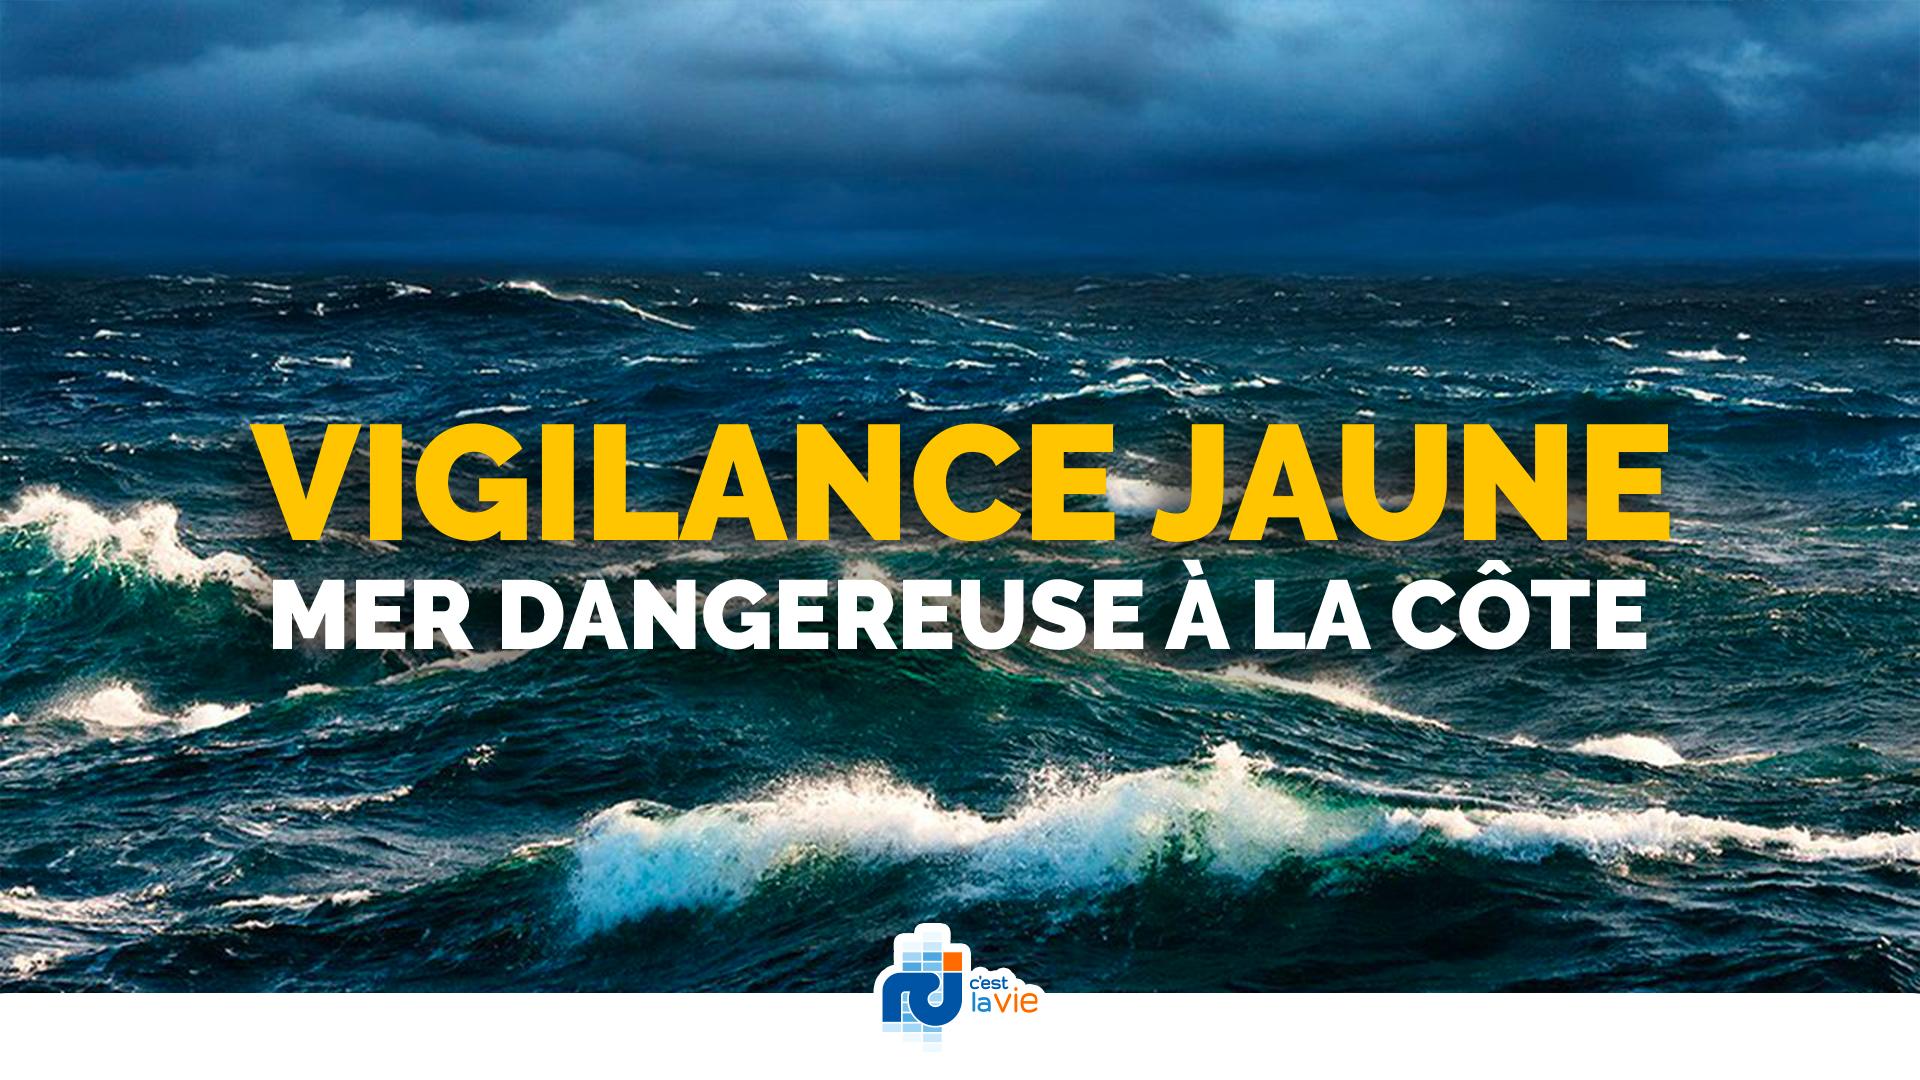 Météo : la vigilance jaune pour mer dangereuse toujours d'actualité